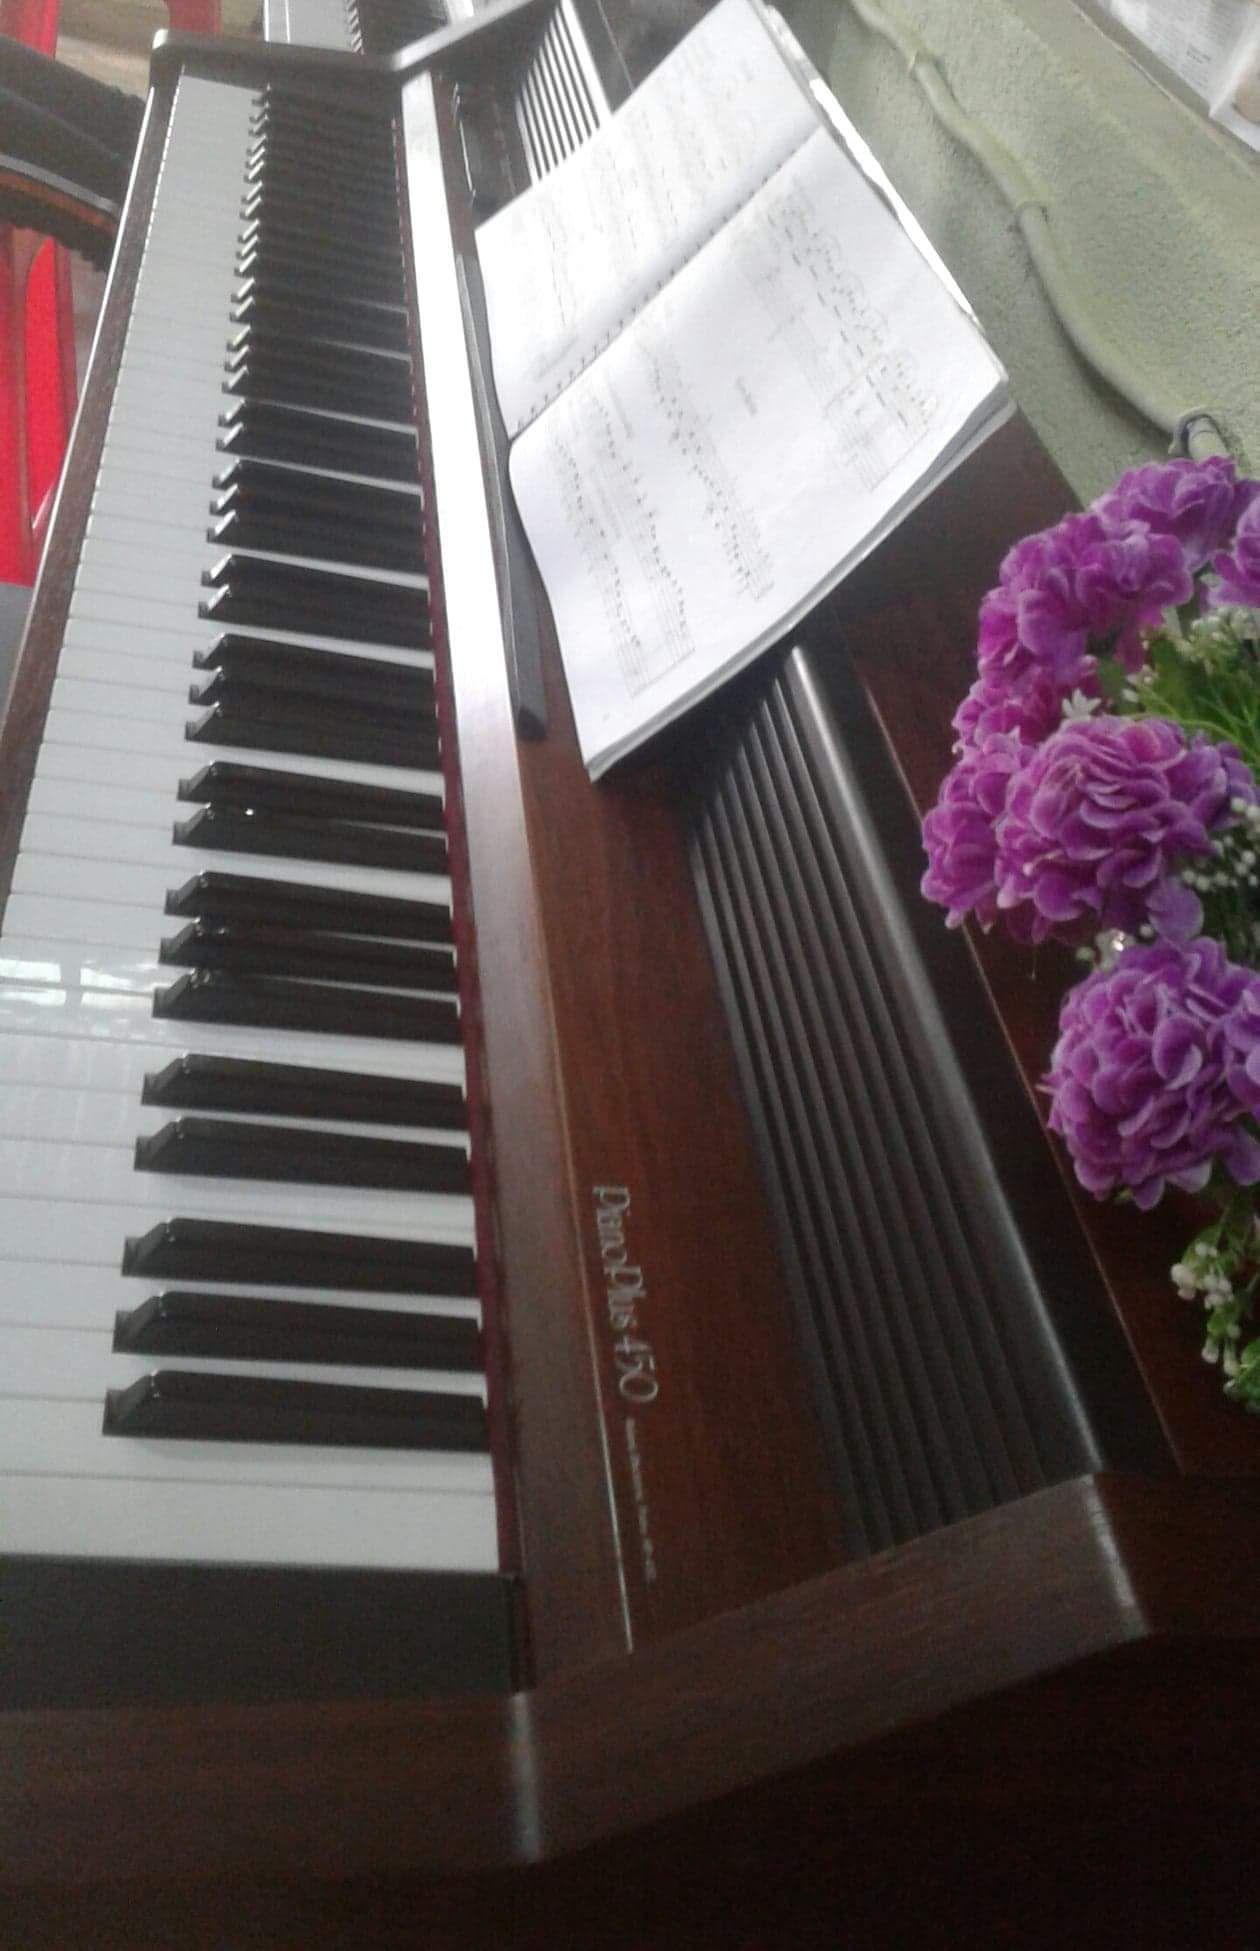 Piano Roland HP 450:\r\n\r\ngiá 5.500.000 Vnđ Đang Có Giảm Giá